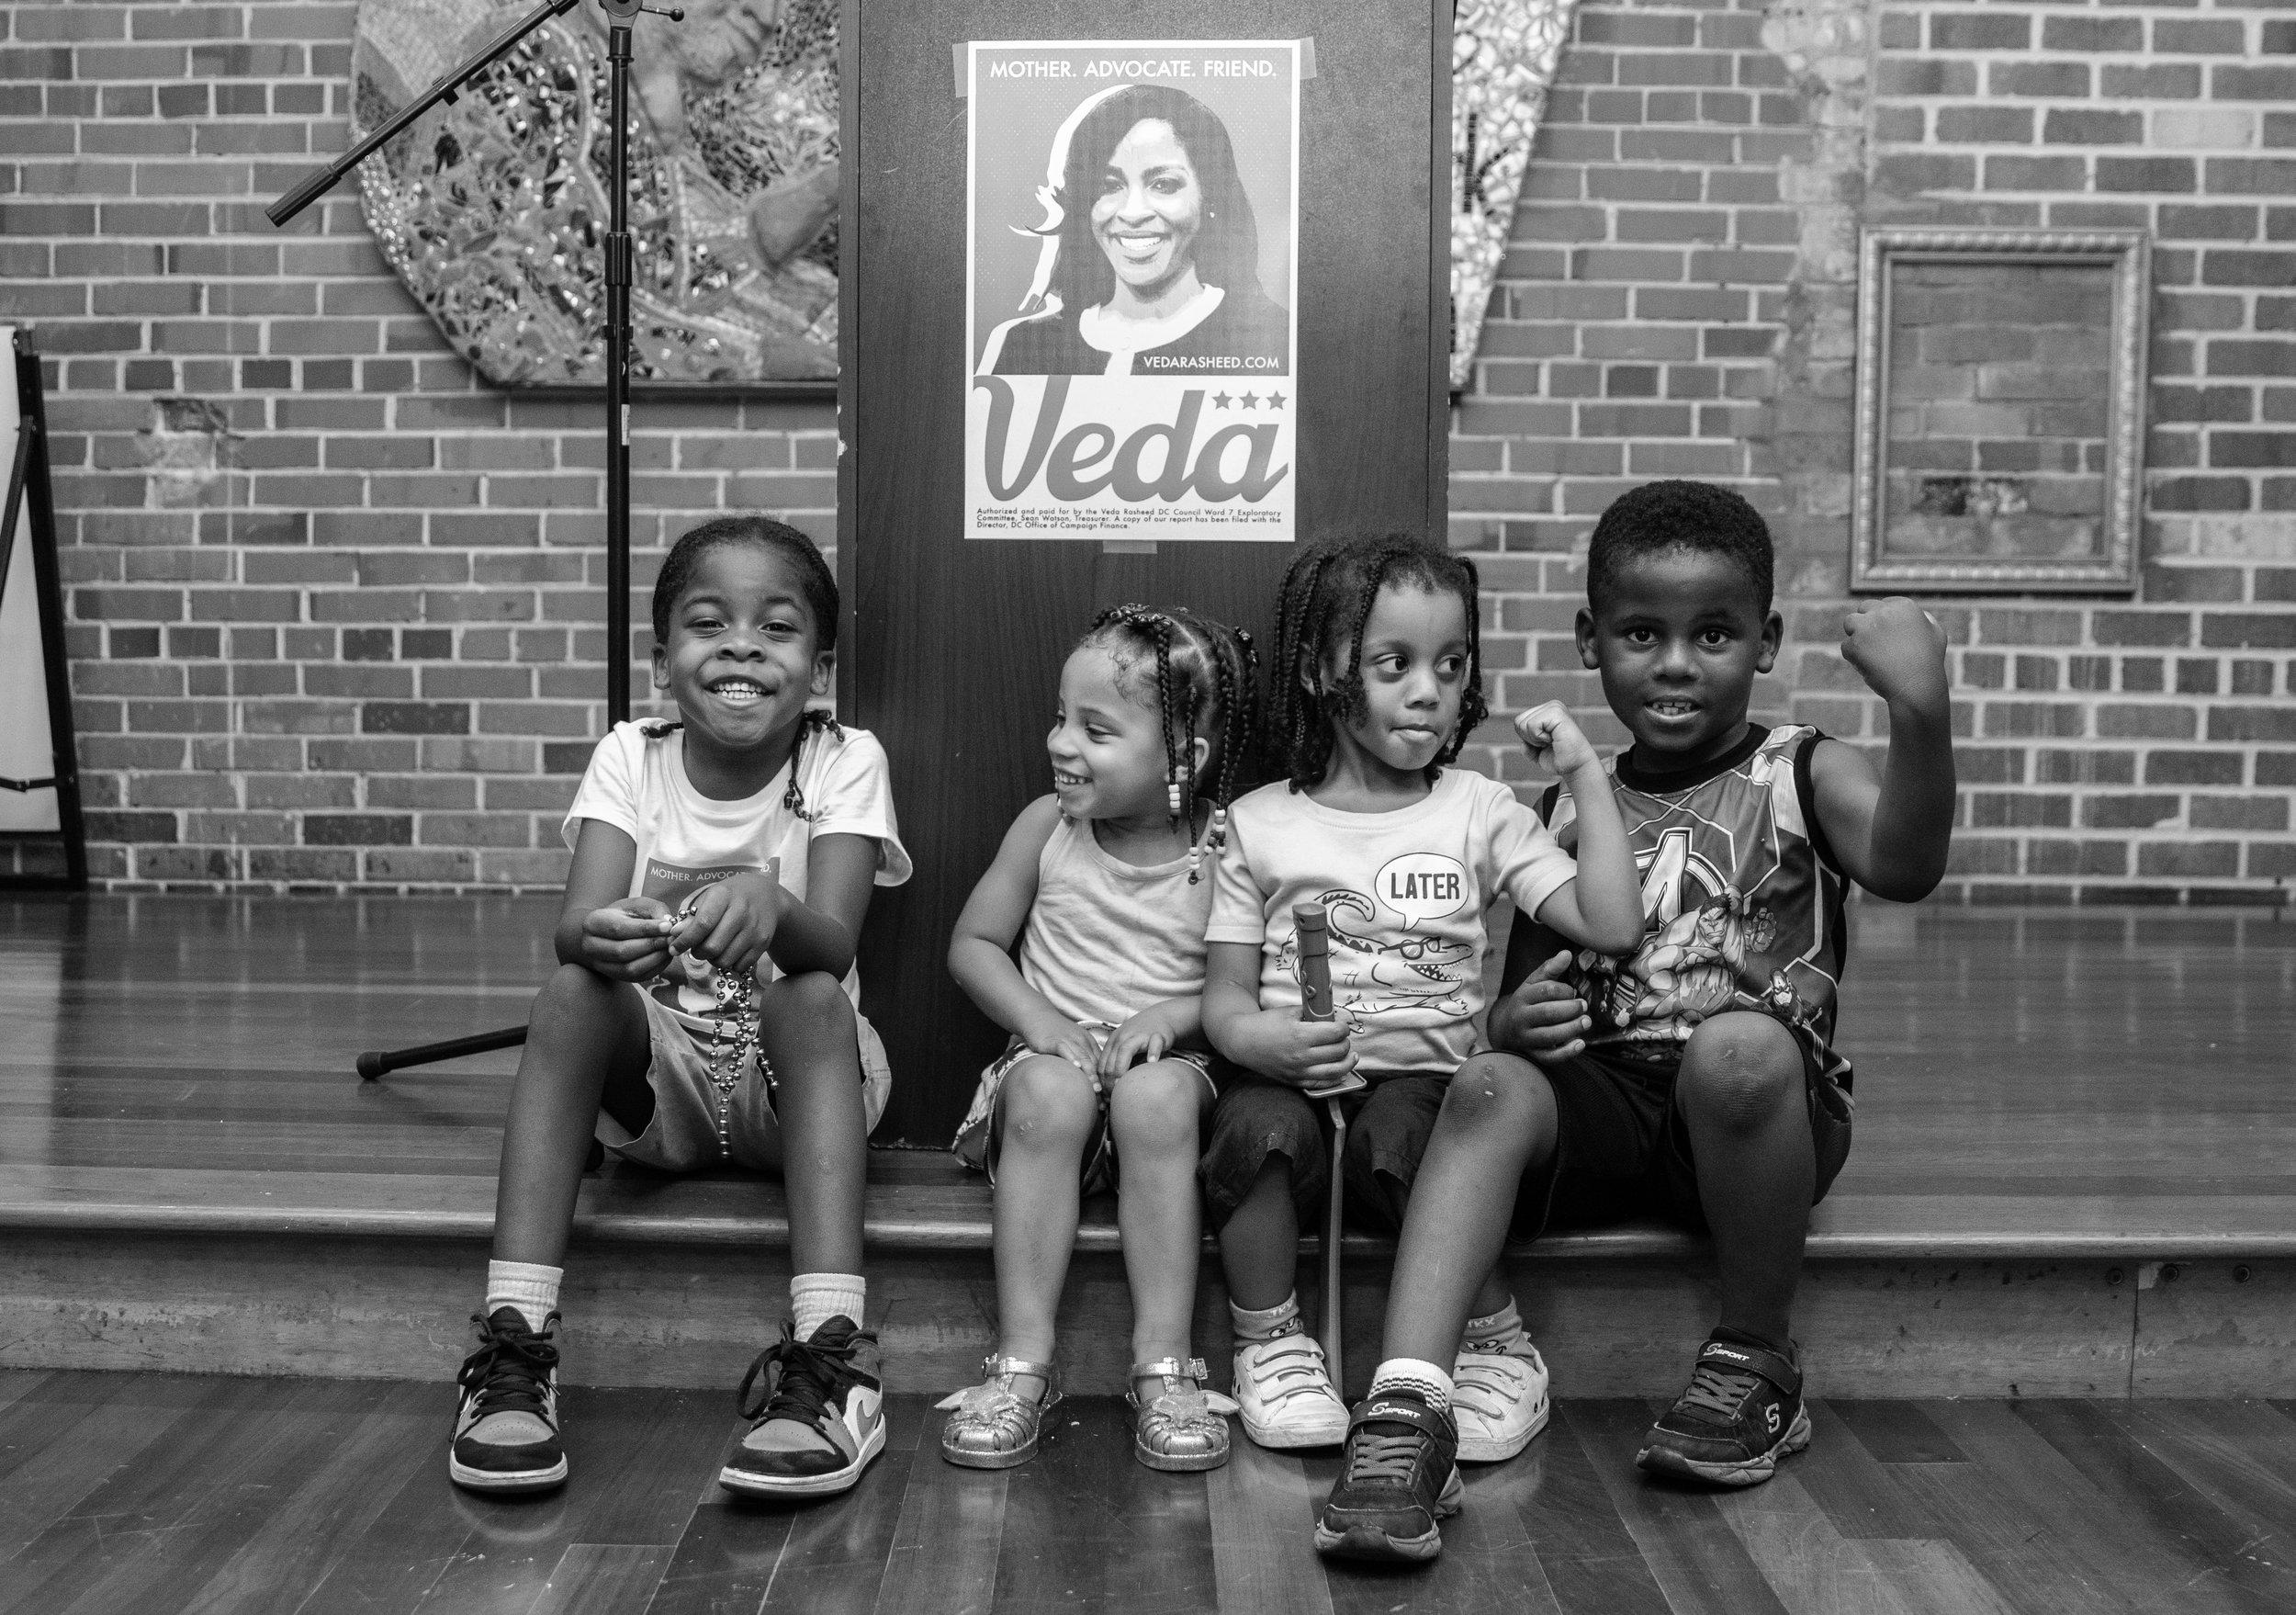 kids at podium white and black.jpg